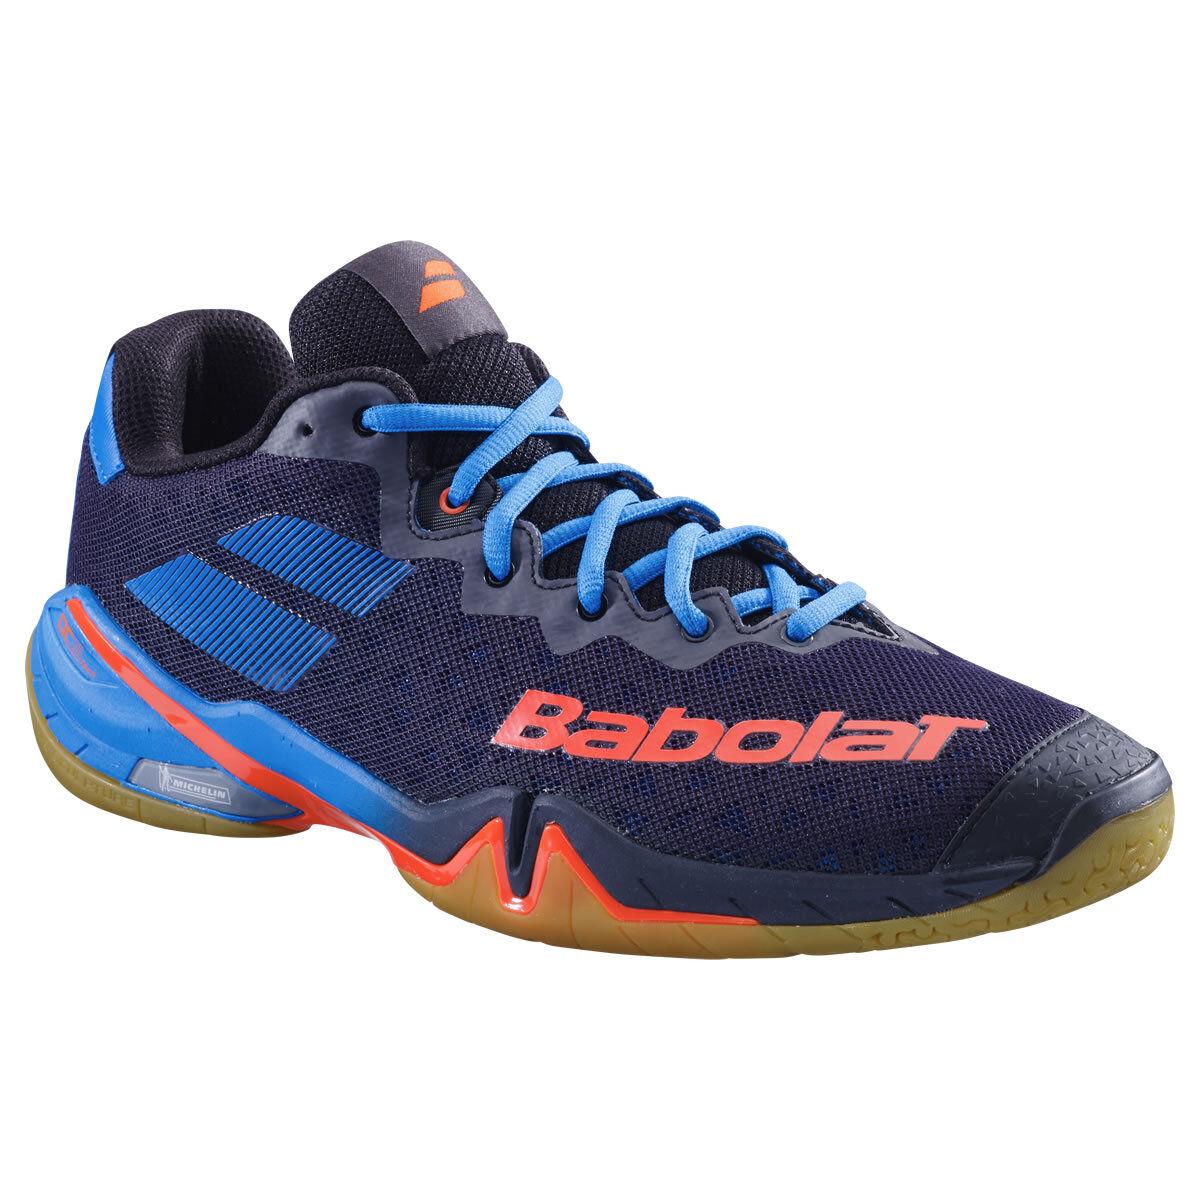 BABOLAT Shadow Tour schwarz Herren Badminton Schuh Topmodell 2019    -NEU- 726322